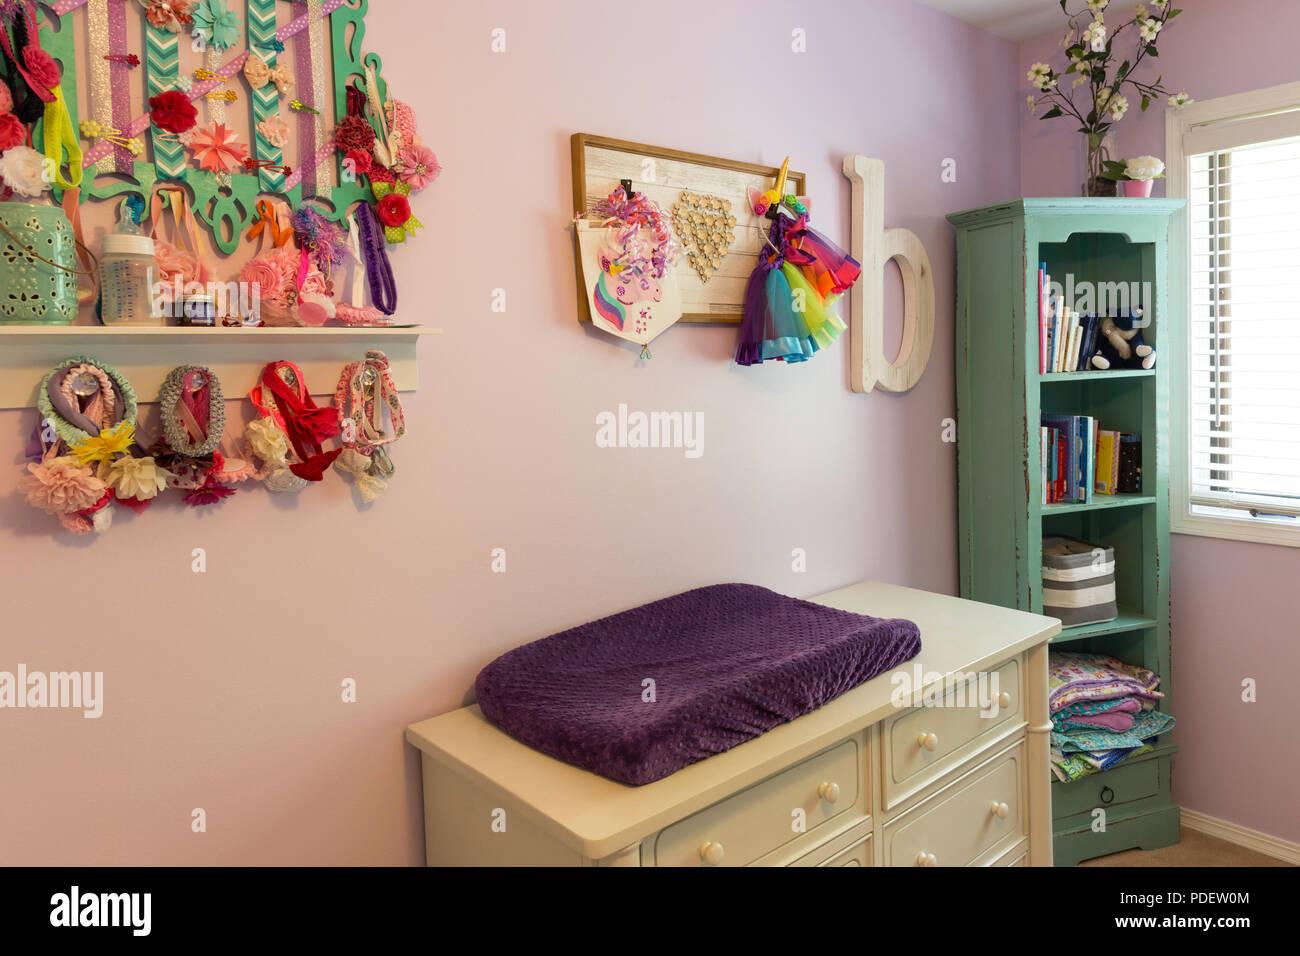 Home Interior Baby Girl's Room, USA - Stock Image